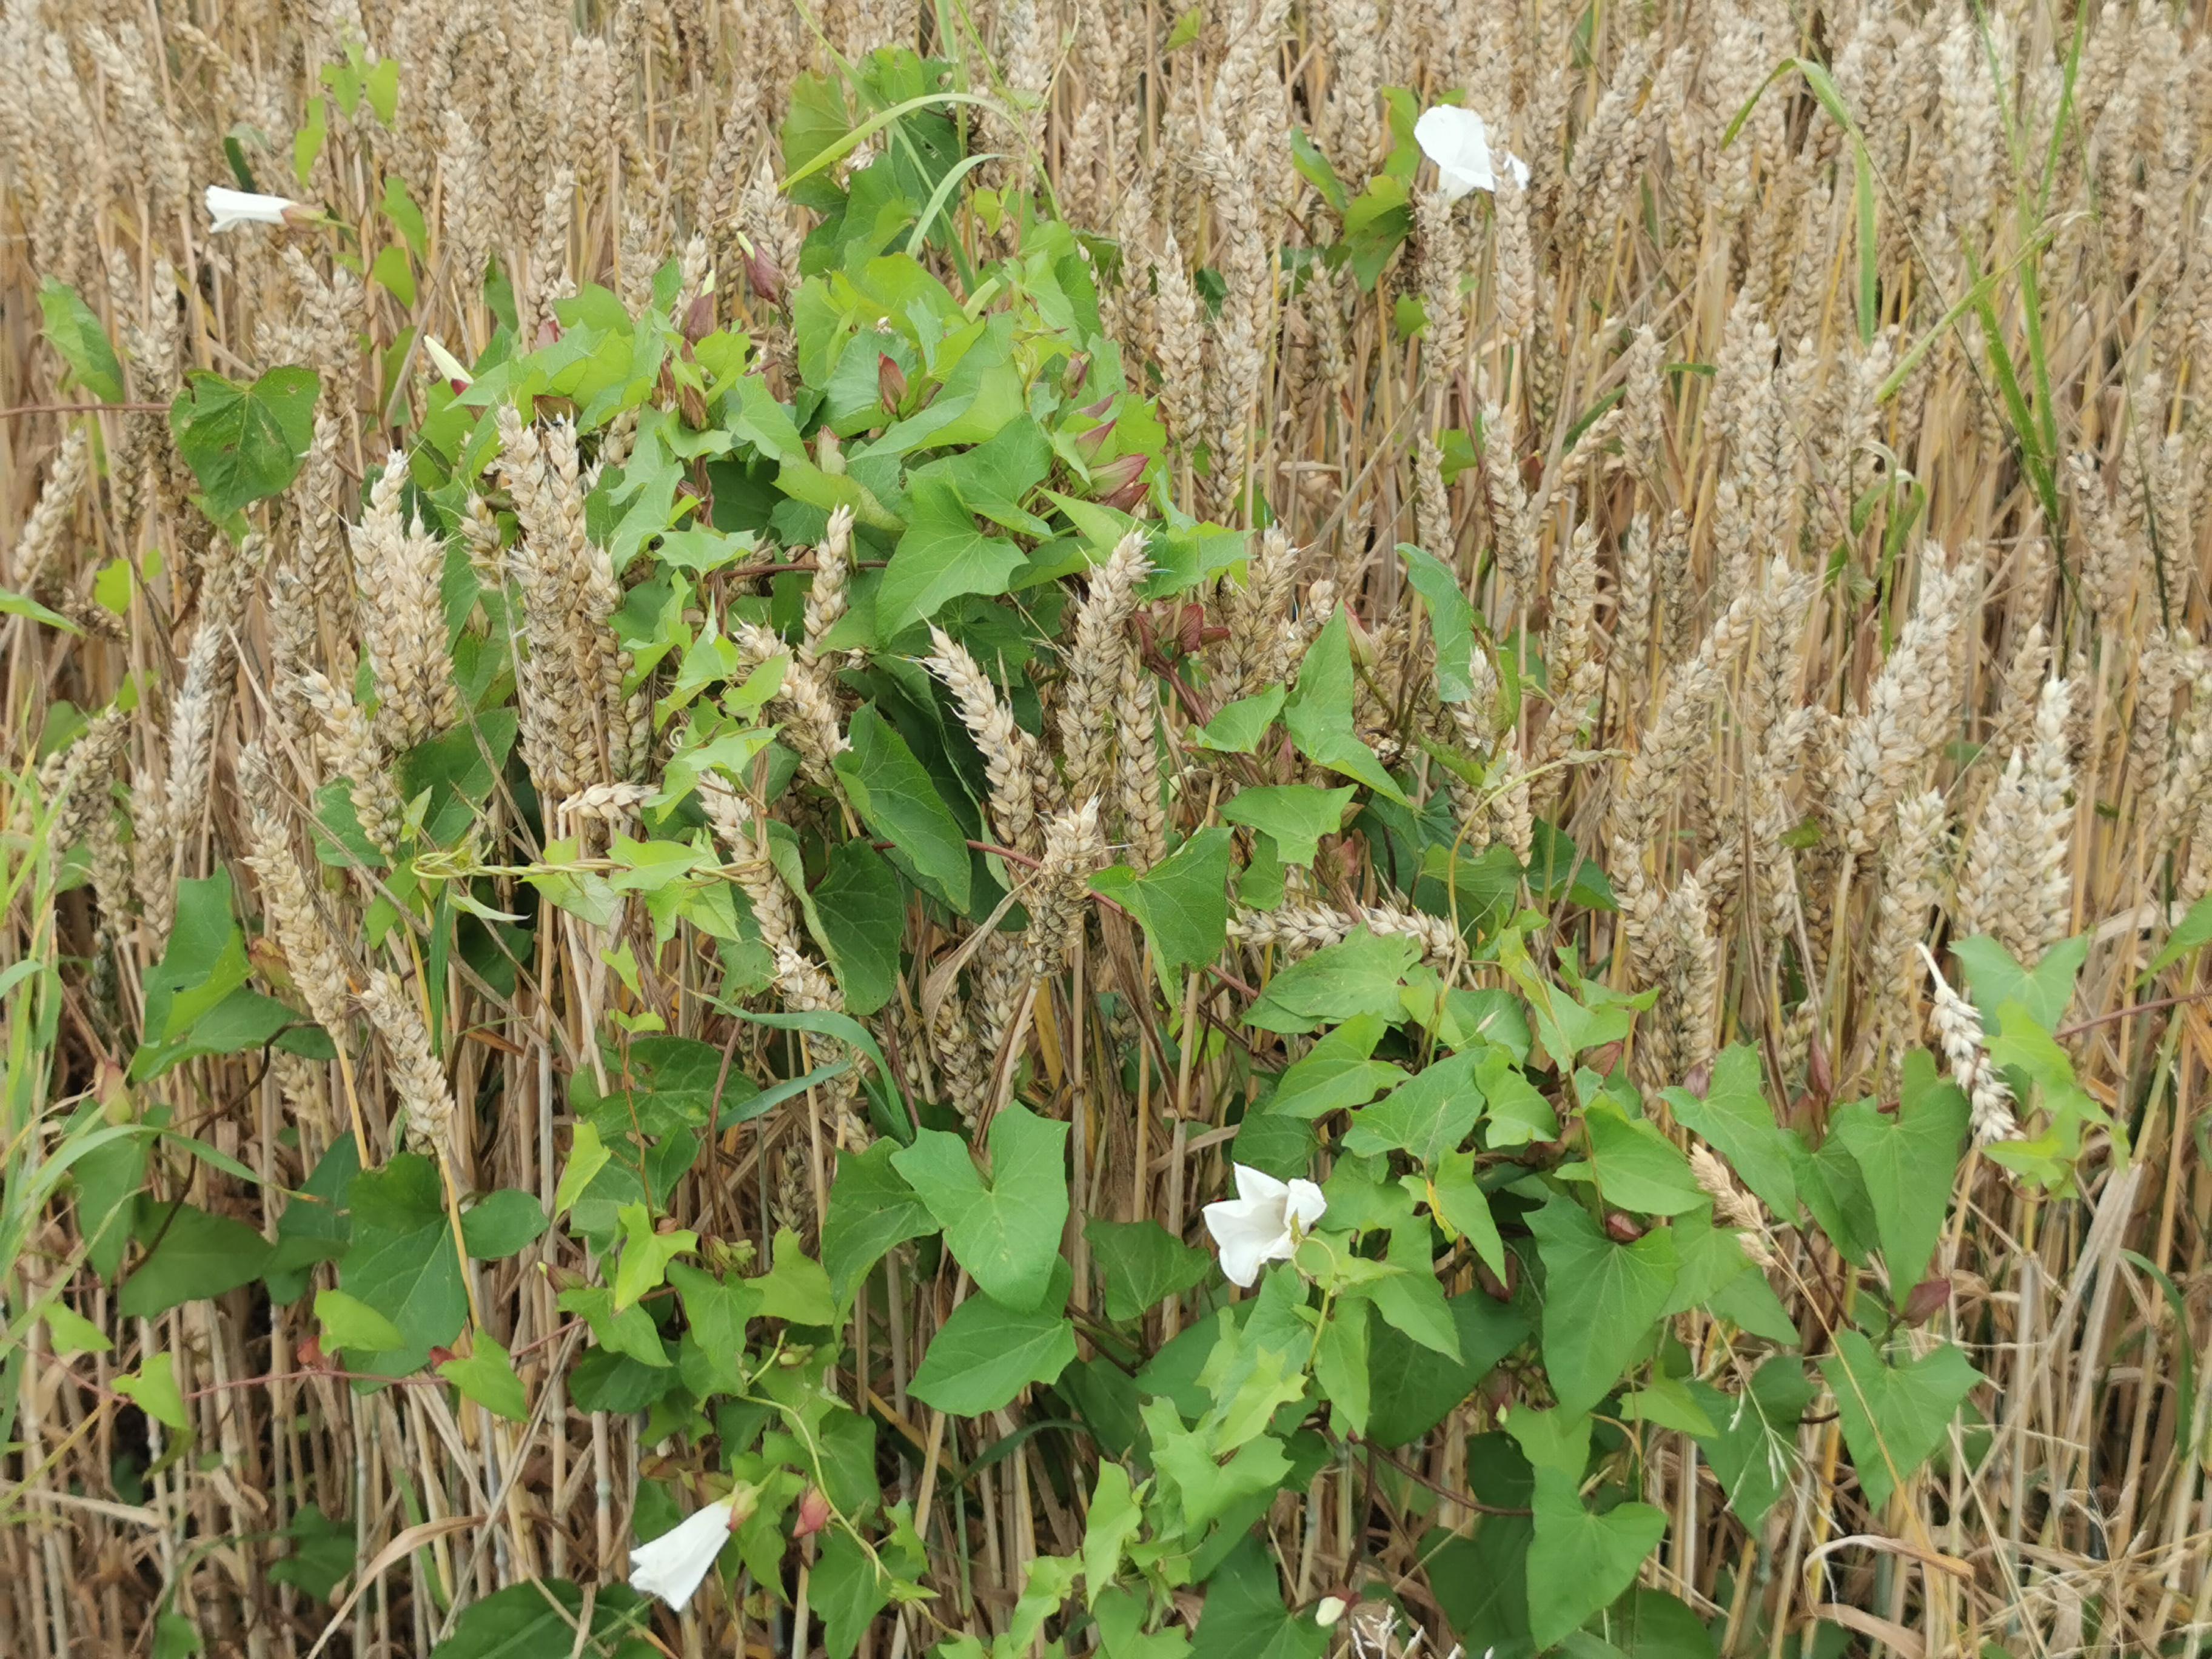 Ackerwinden im Weizenfeld